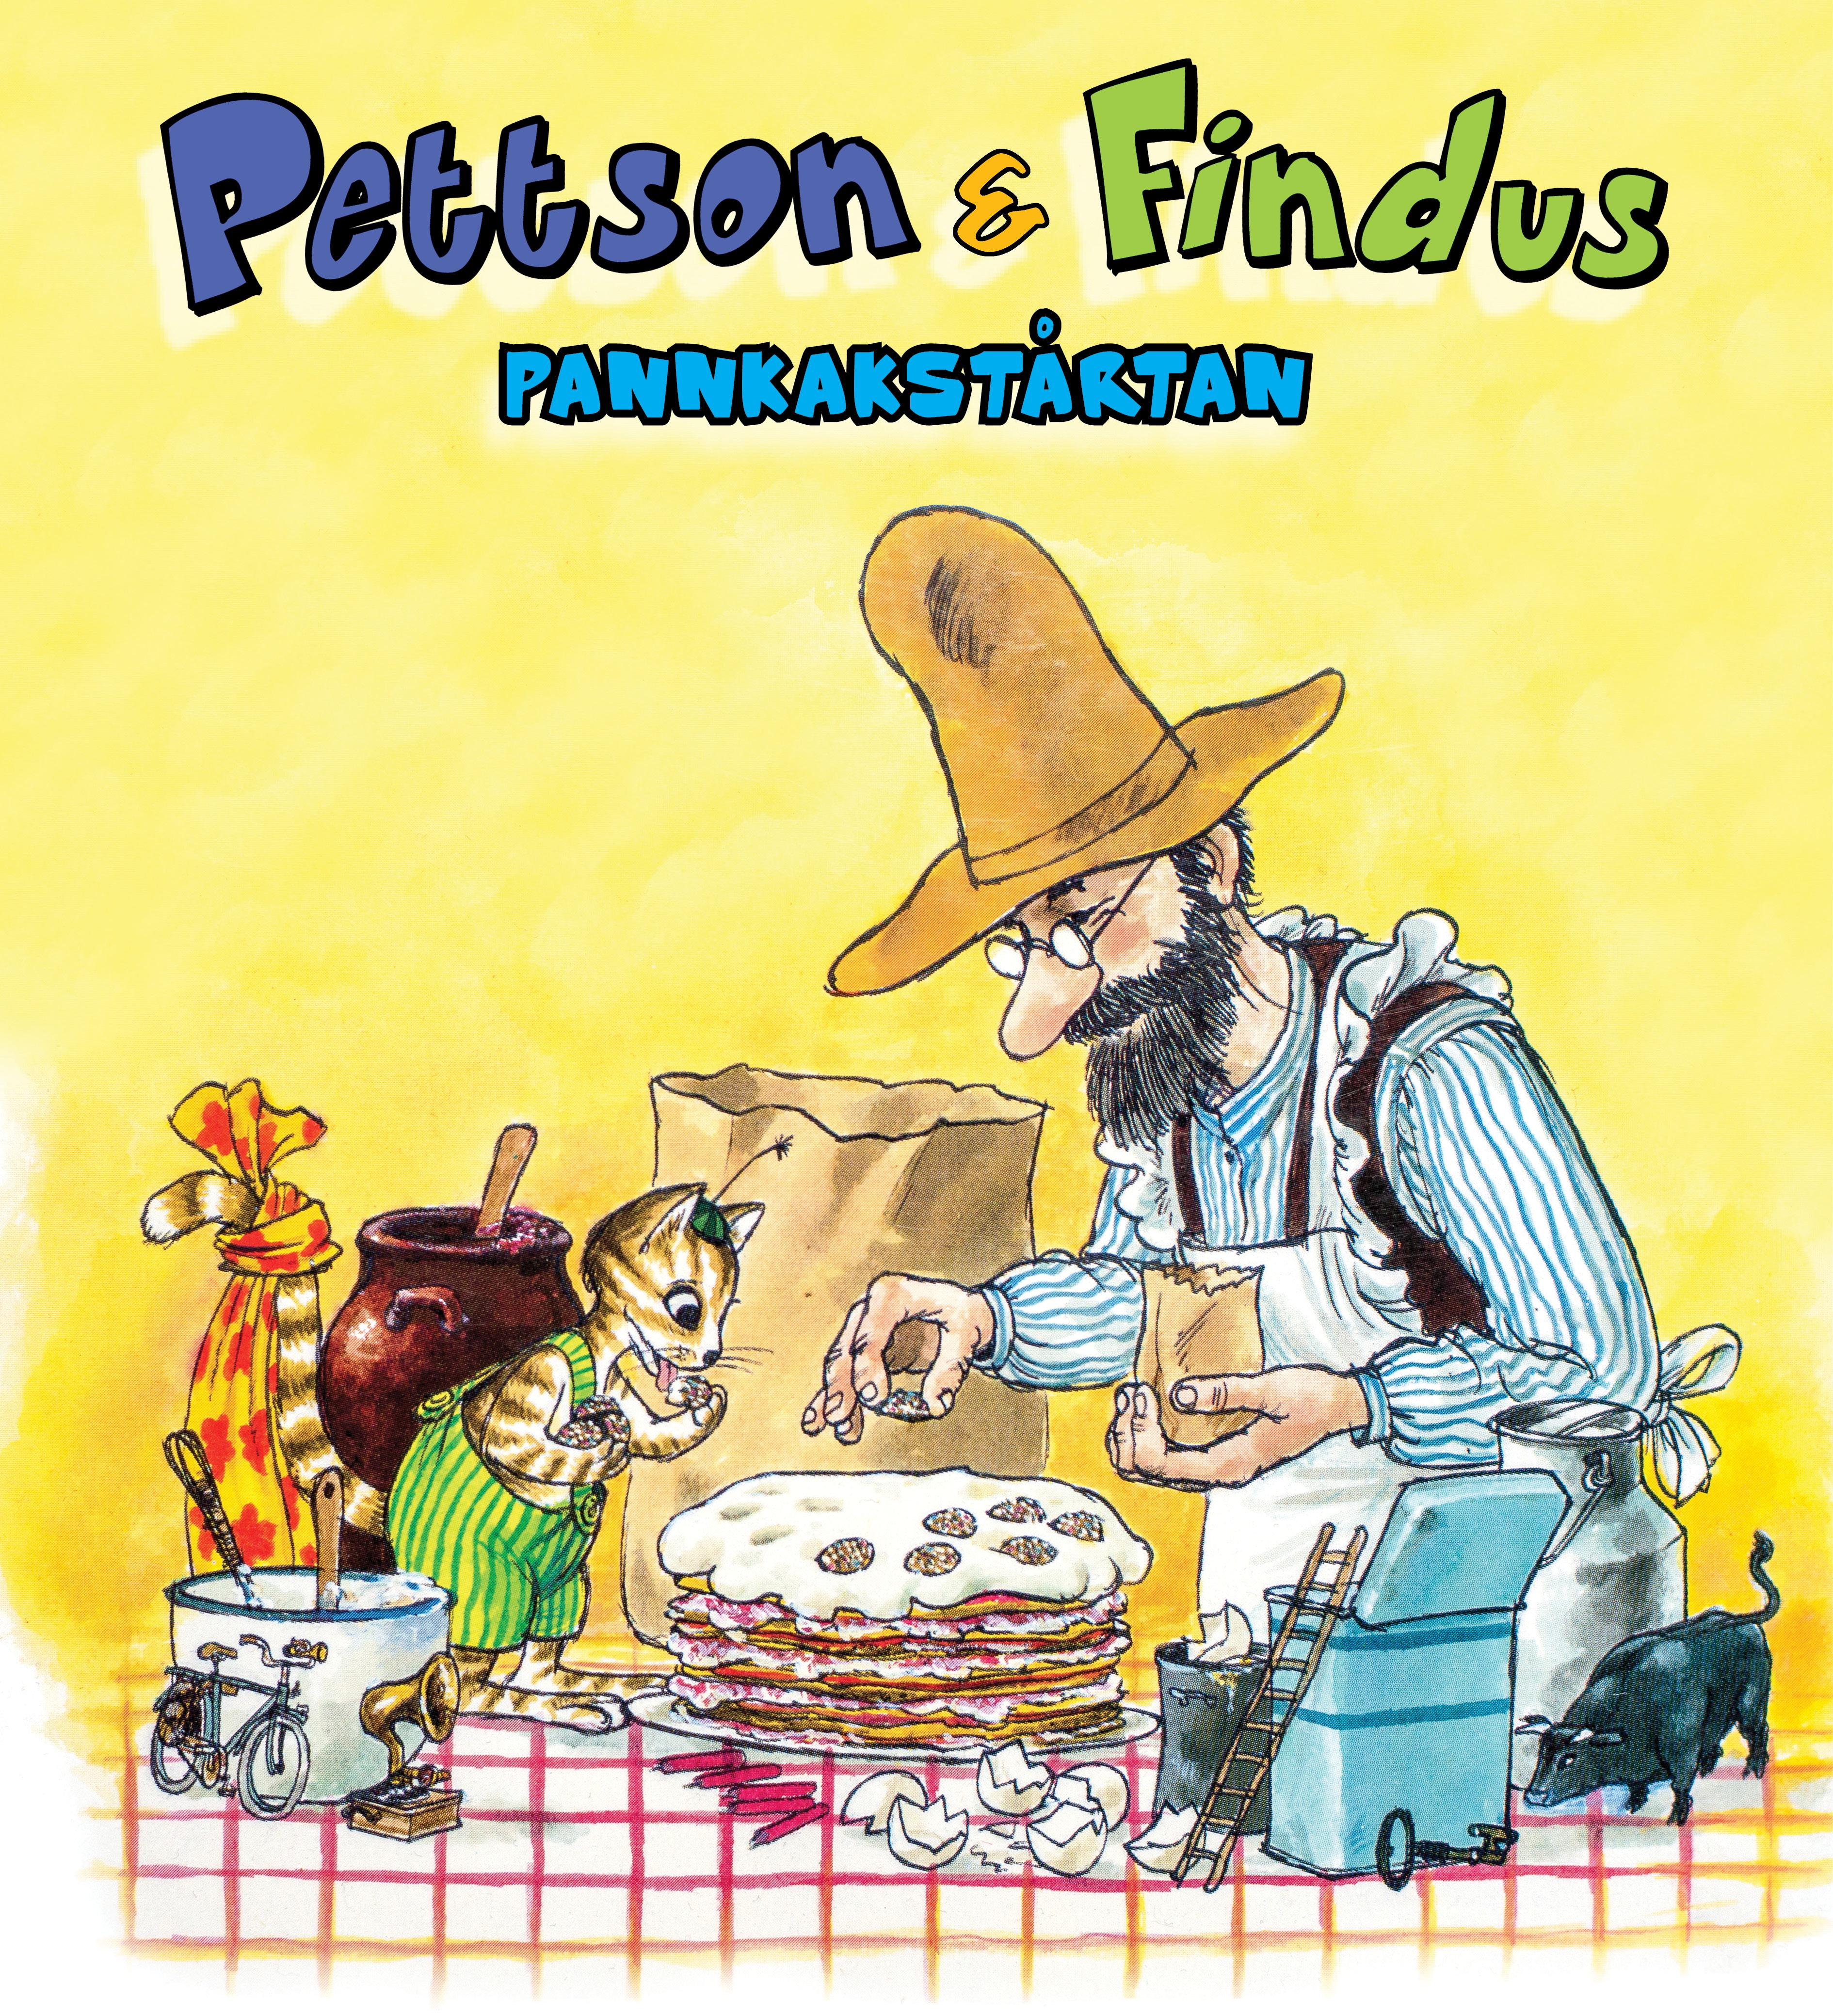 pettson och findus affisch